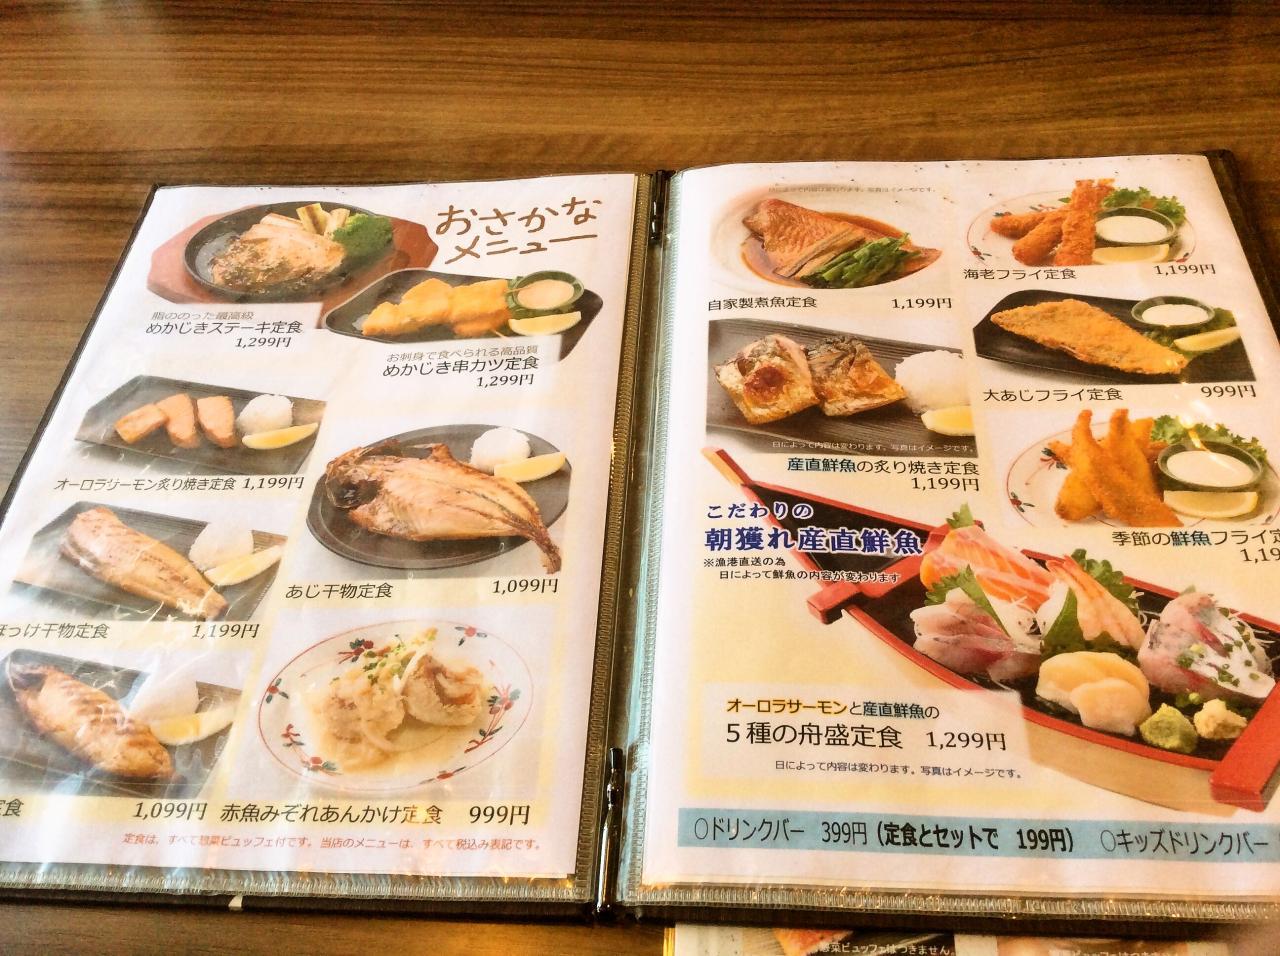 まいにちごはん横浜上白根店(メニュー)